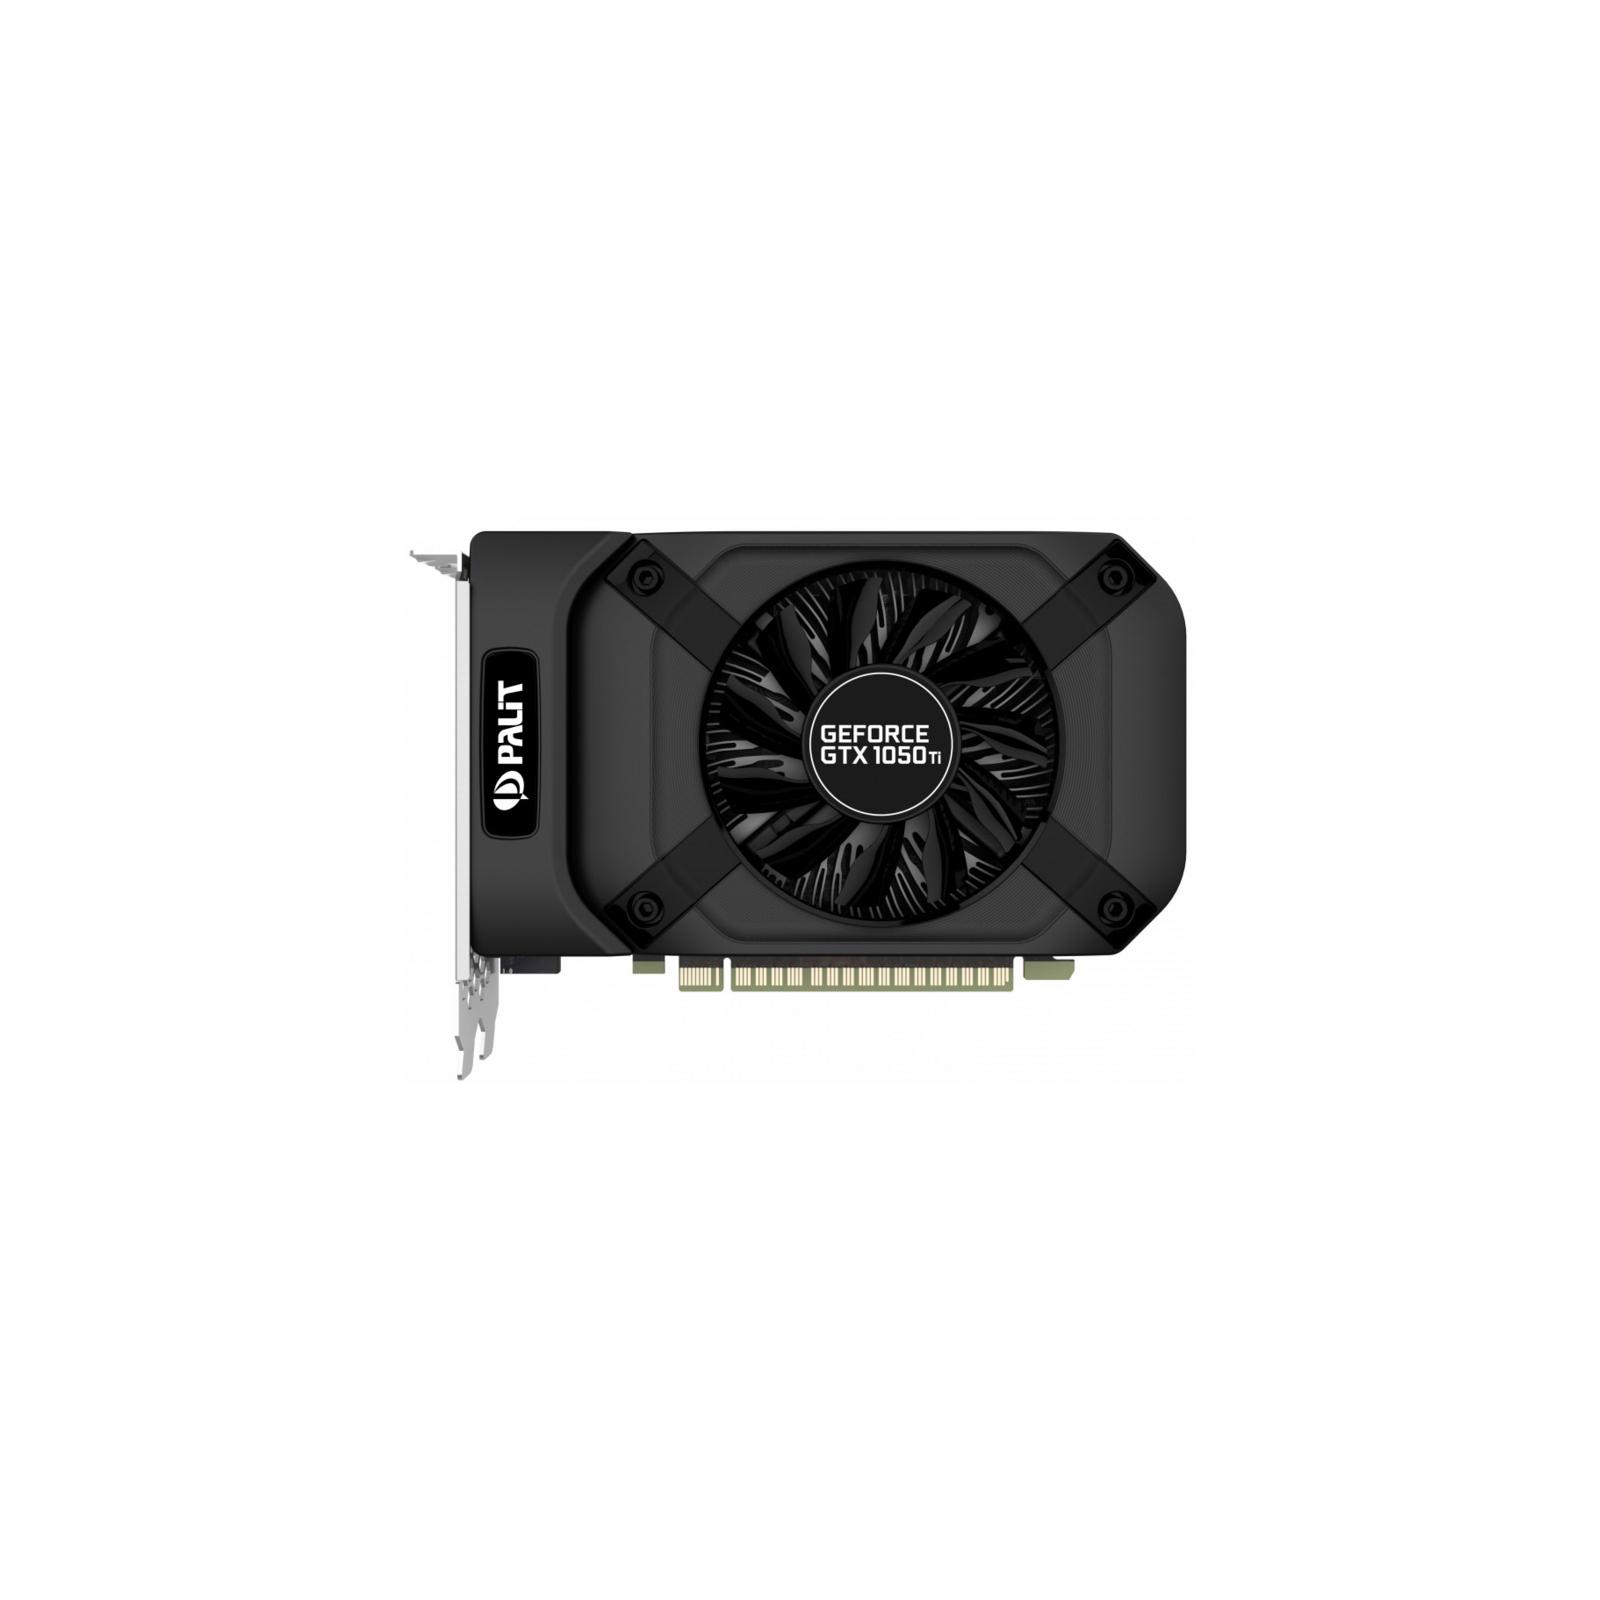 Відеокарта PALIT GeForce GTX1050 Ti 4096Mb StormX (NE5105T018G1-1070F) зображення 2